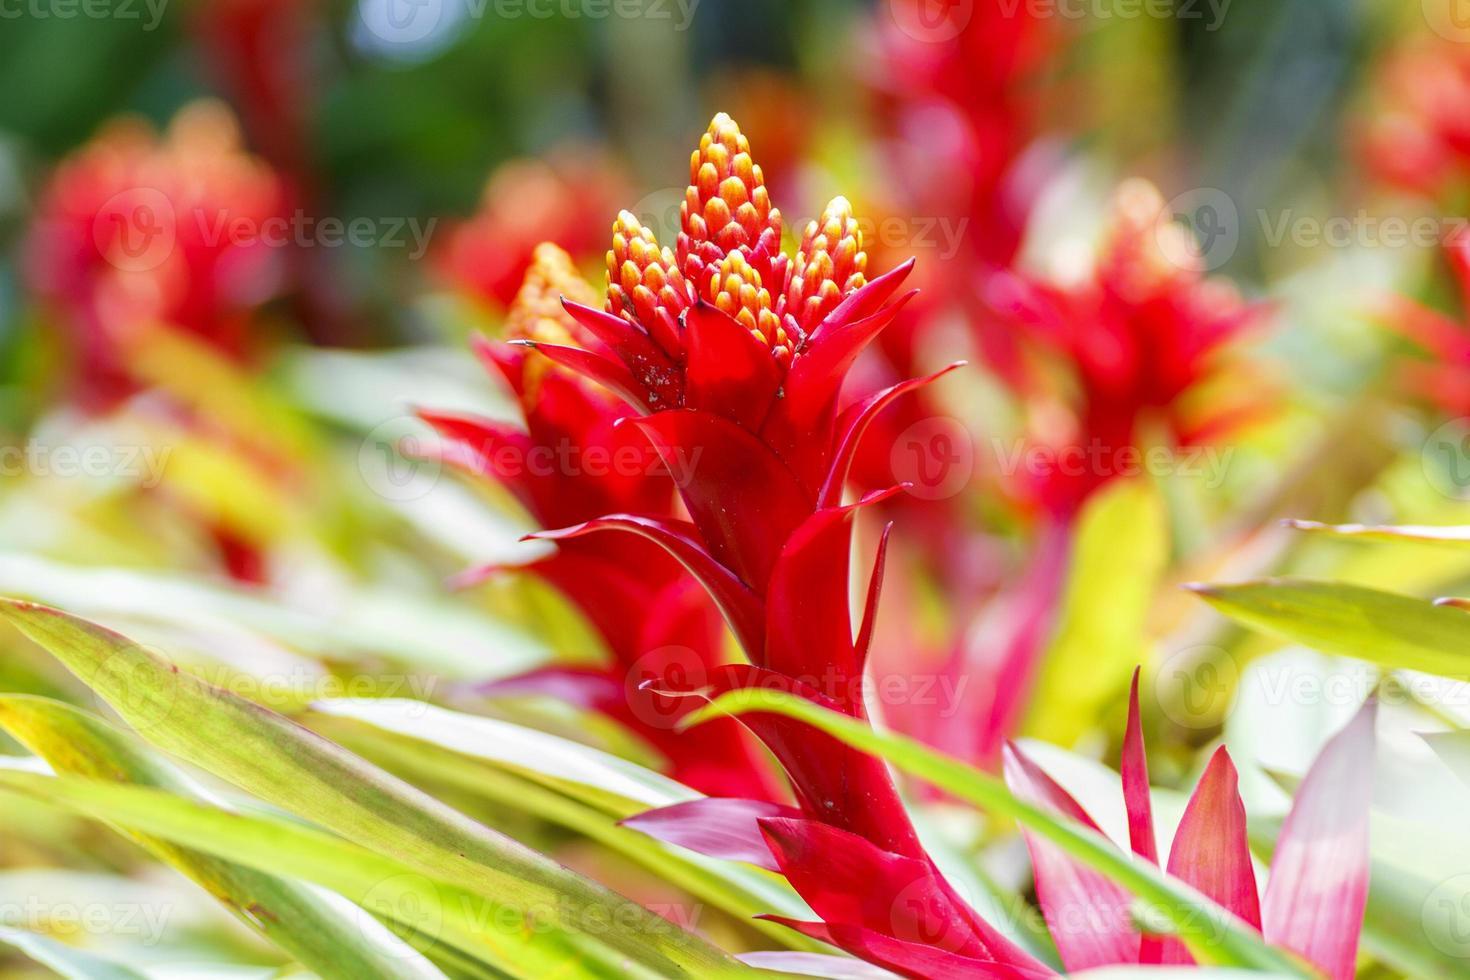 ananas bloemkleur foto